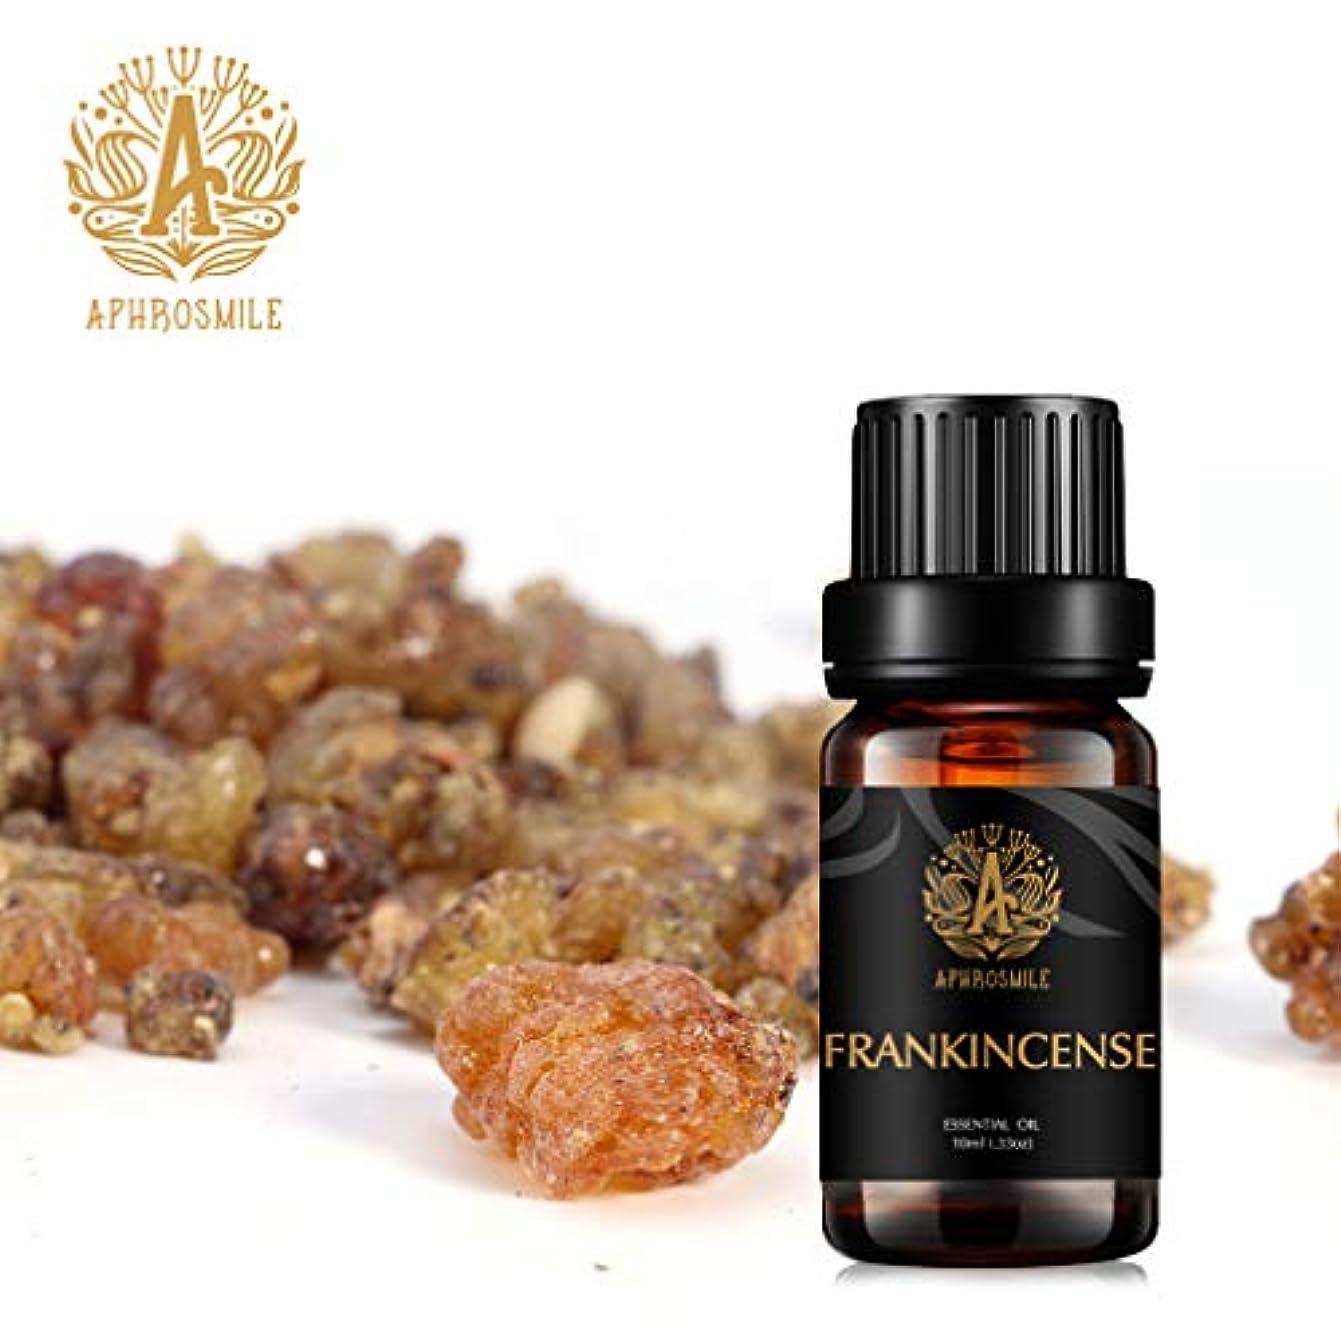 灰誕生日隣接するフランキンセンスエッセンシャルオイル、100%純粋なアロマセラピーのエッセンシャルオイルであるフランキンセンスの香りが筋肉の痛みや痛みを和らげます、治療上の等級の精油のFrankincenseの芳香為に拡散器、マッサージ...